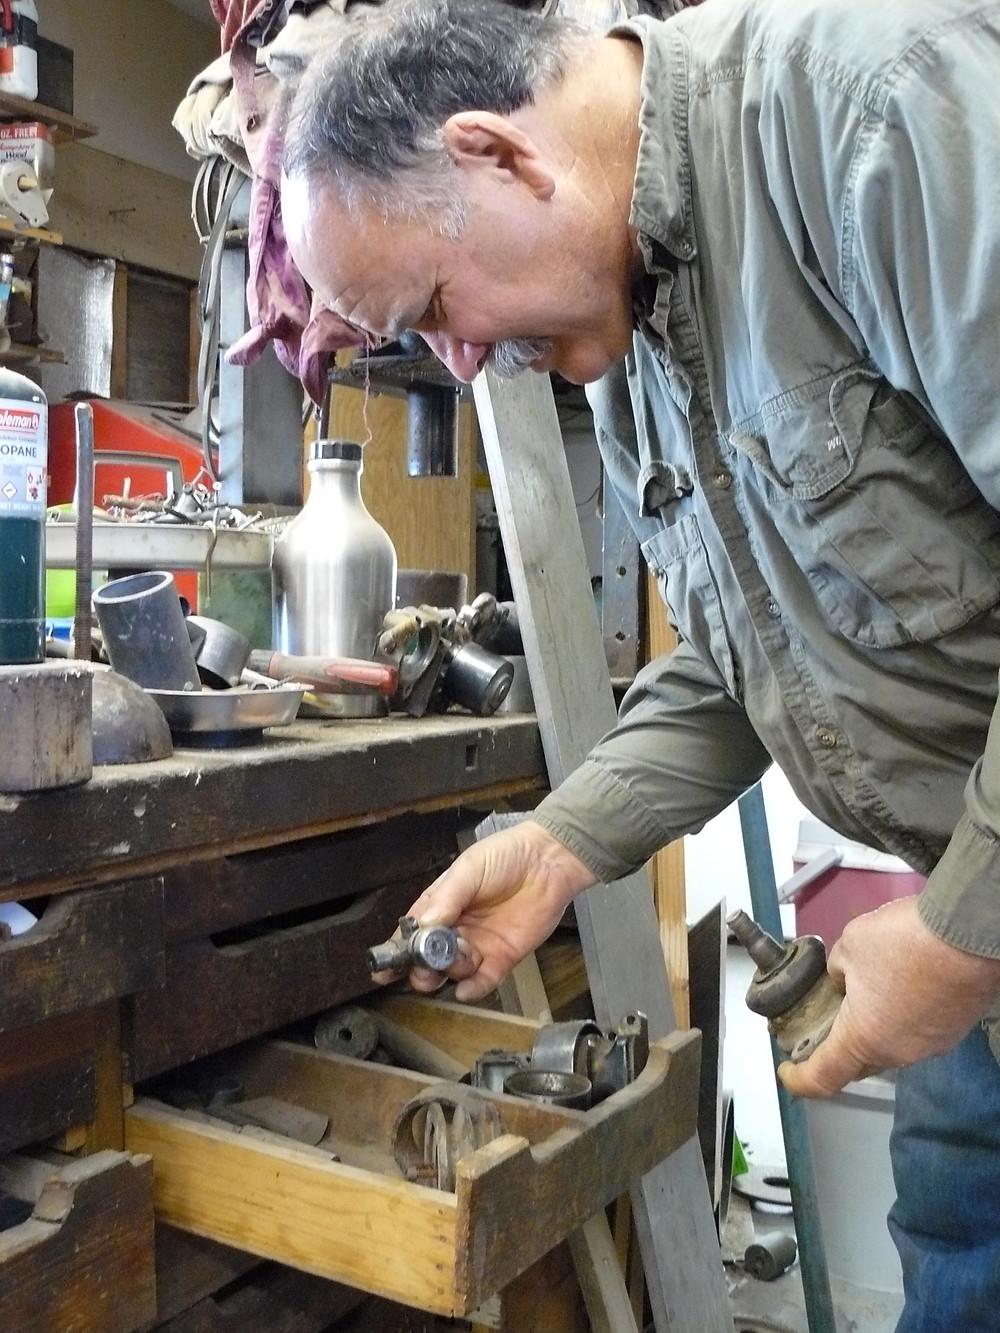 David Crawford going through workbench drawer full of small metal things